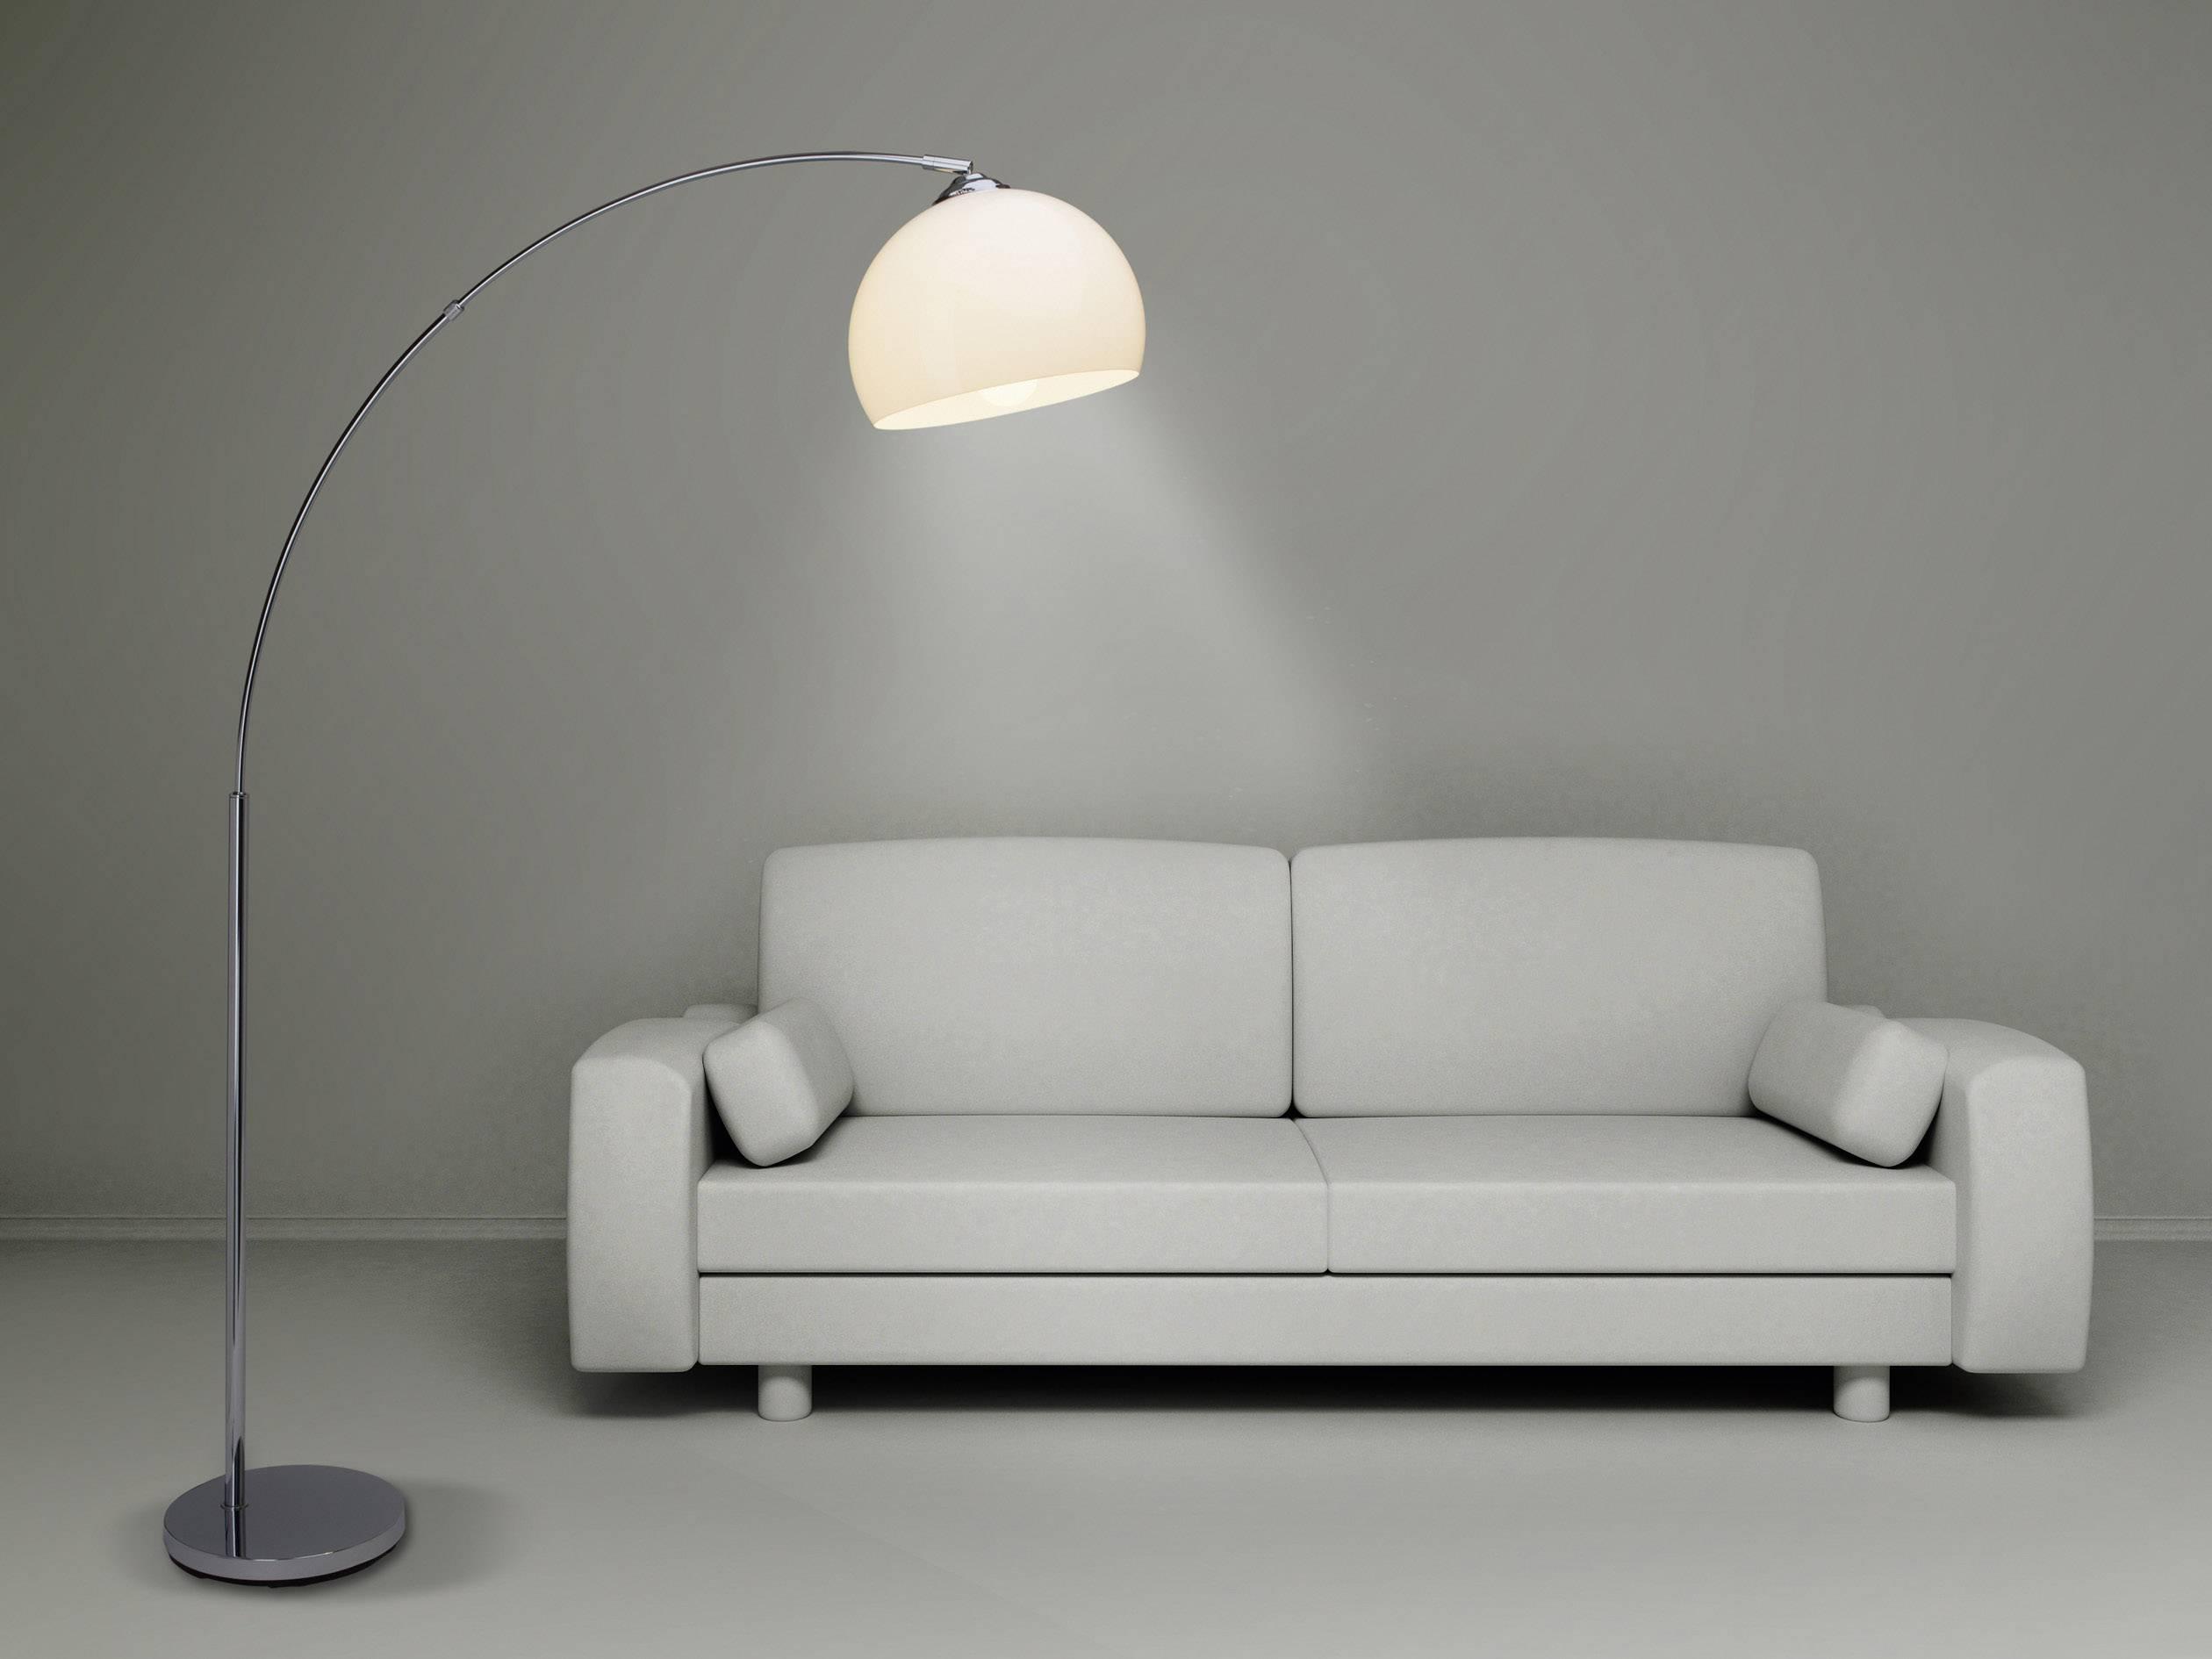 wohnzimmer stehlampe modern finest wohnzimmer stehlampe stehlampen modern stehleuchte design. Black Bedroom Furniture Sets. Home Design Ideas